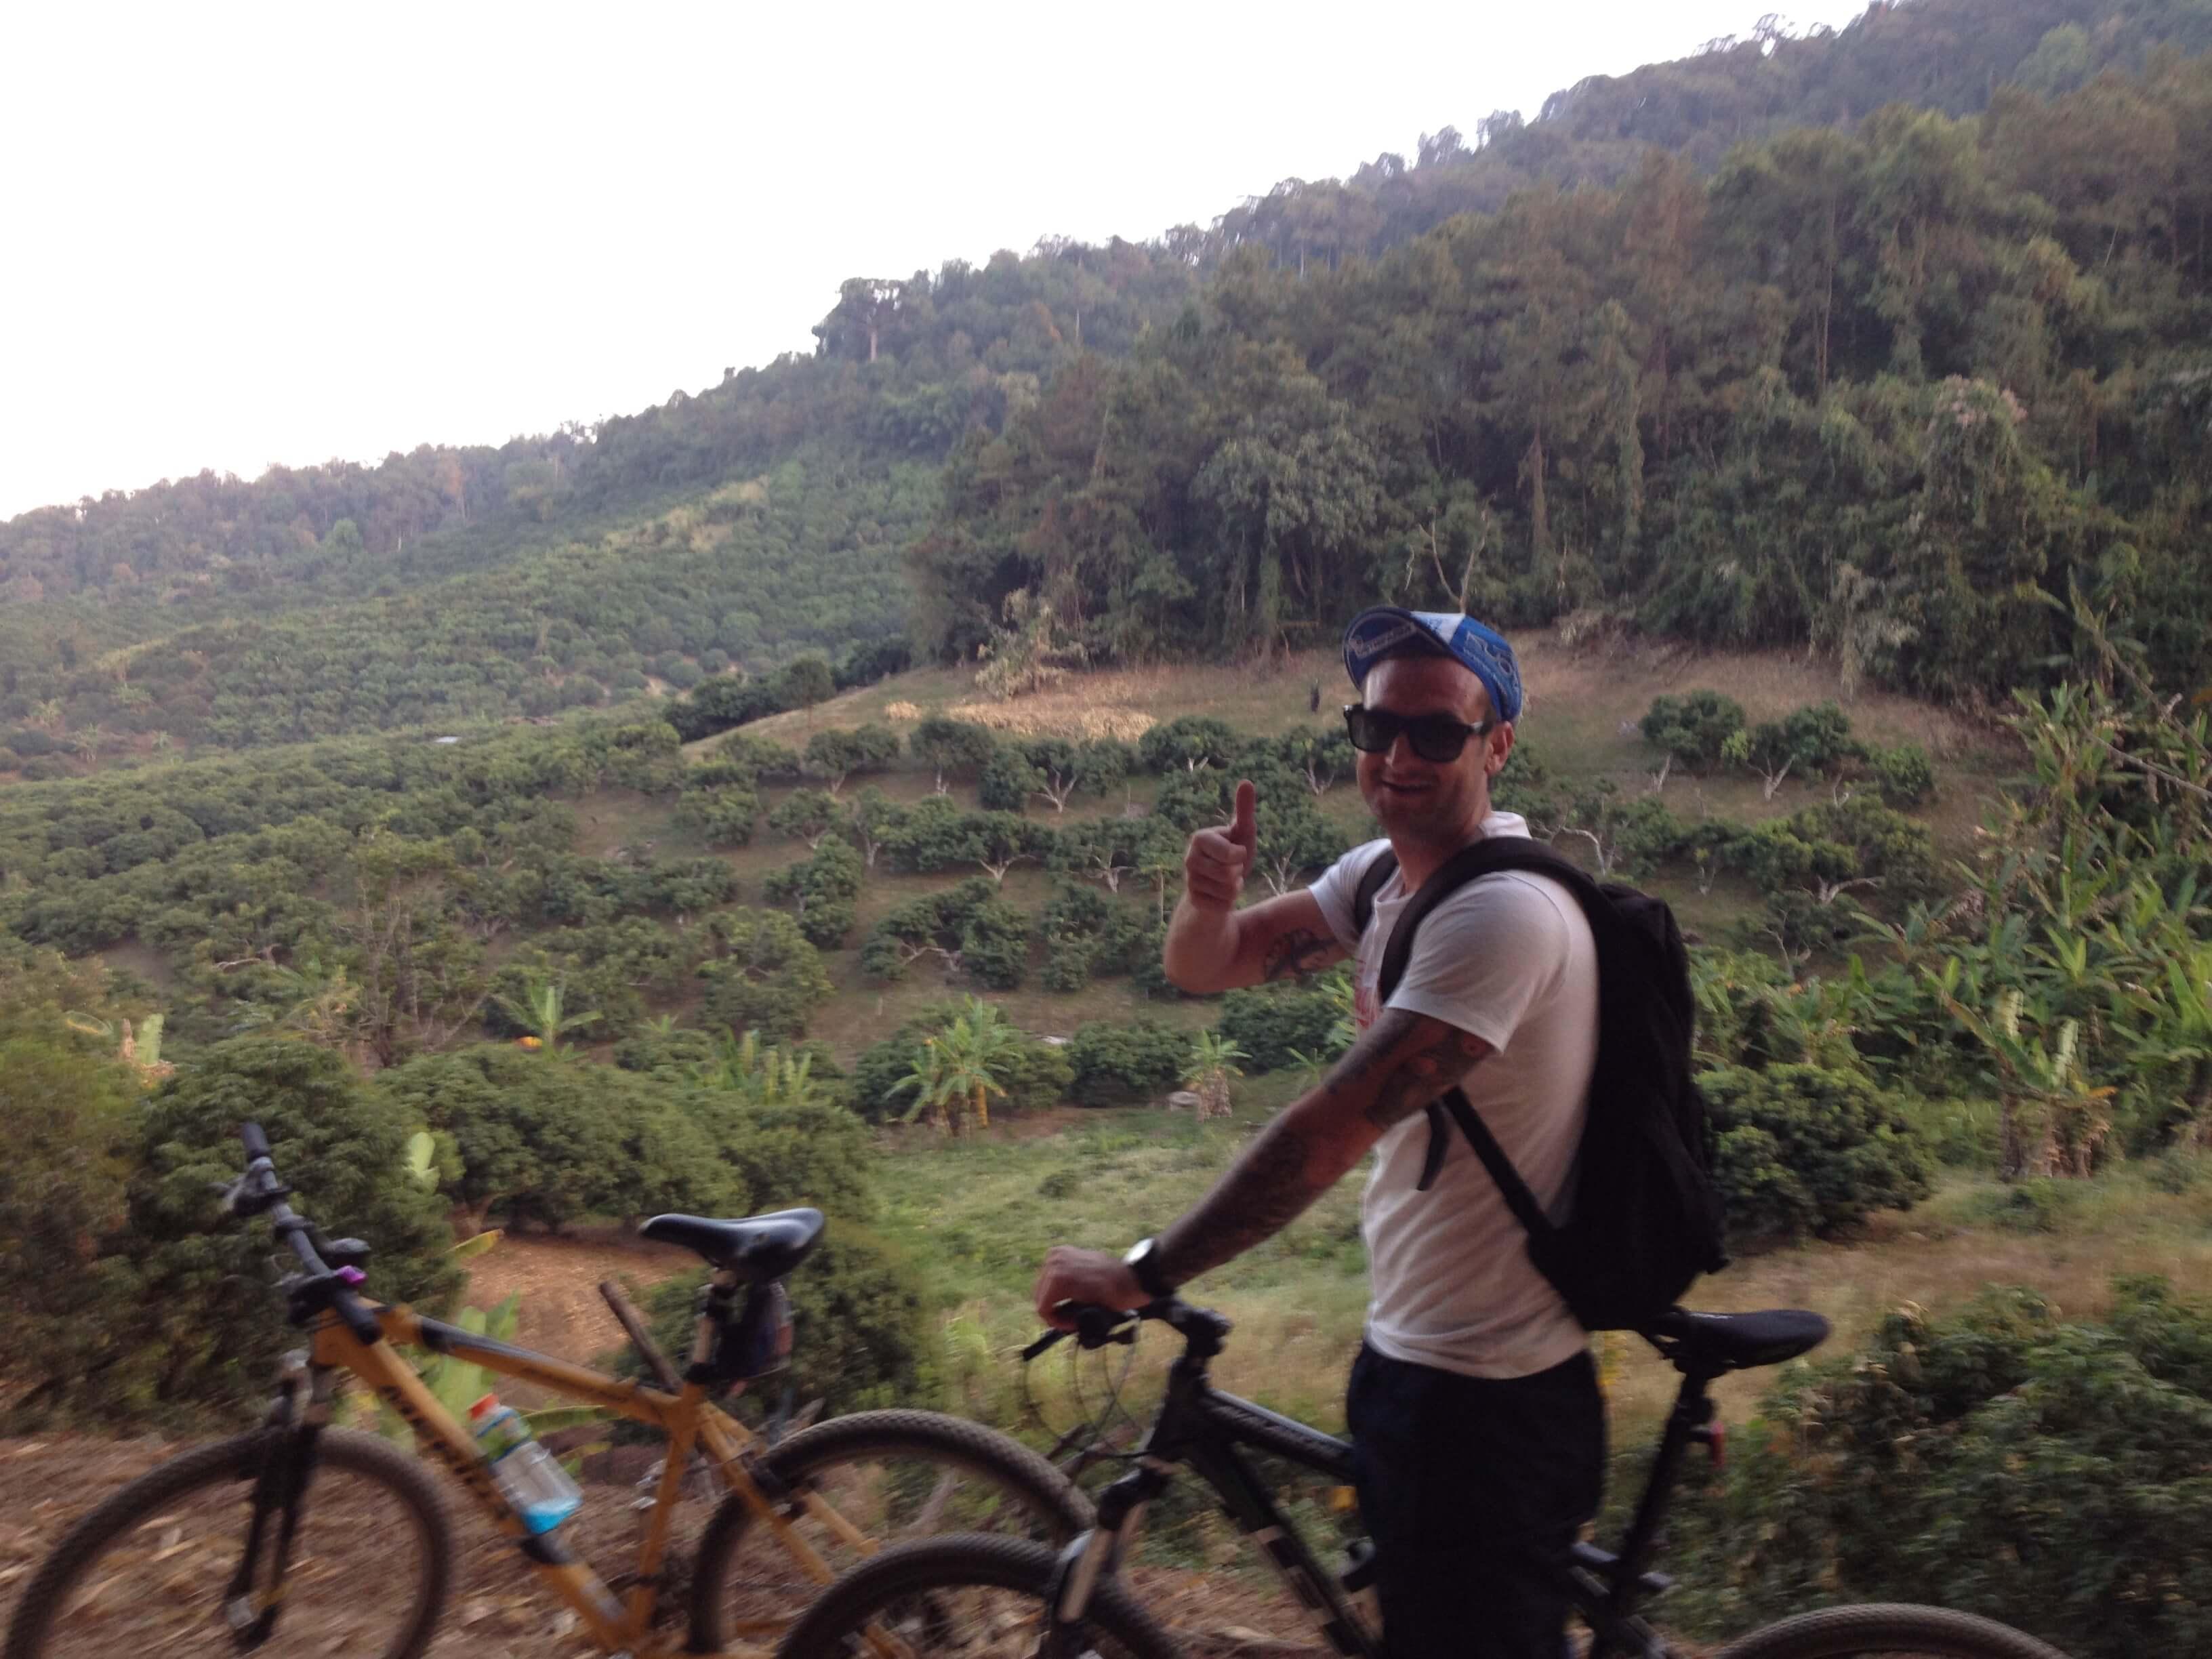 22 km ned af bjergside på mountainbike